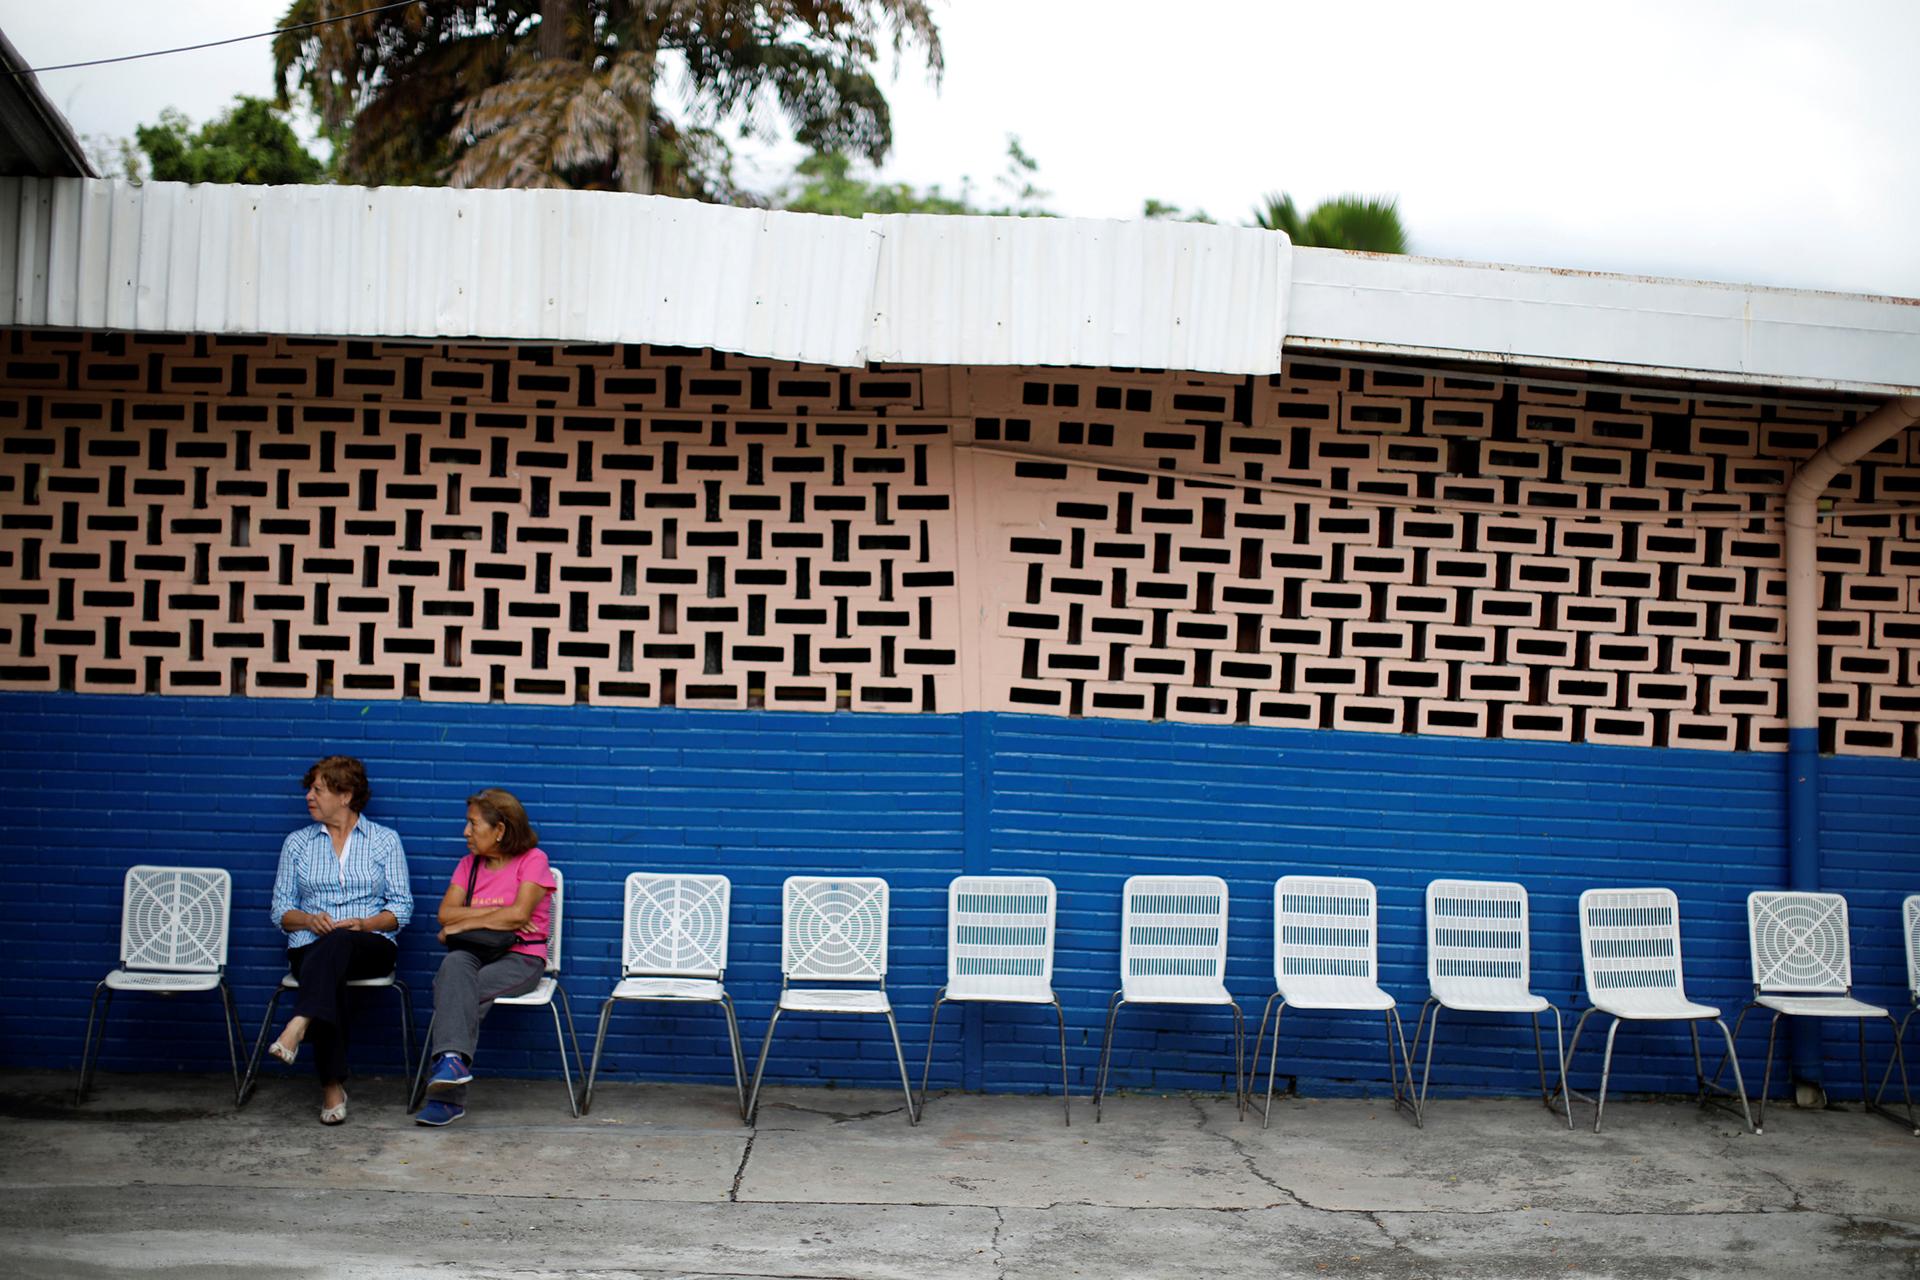 Un centro de votación, prácticamente vacío tras ser cerrado y reubicado, causando confusión entre los votantes